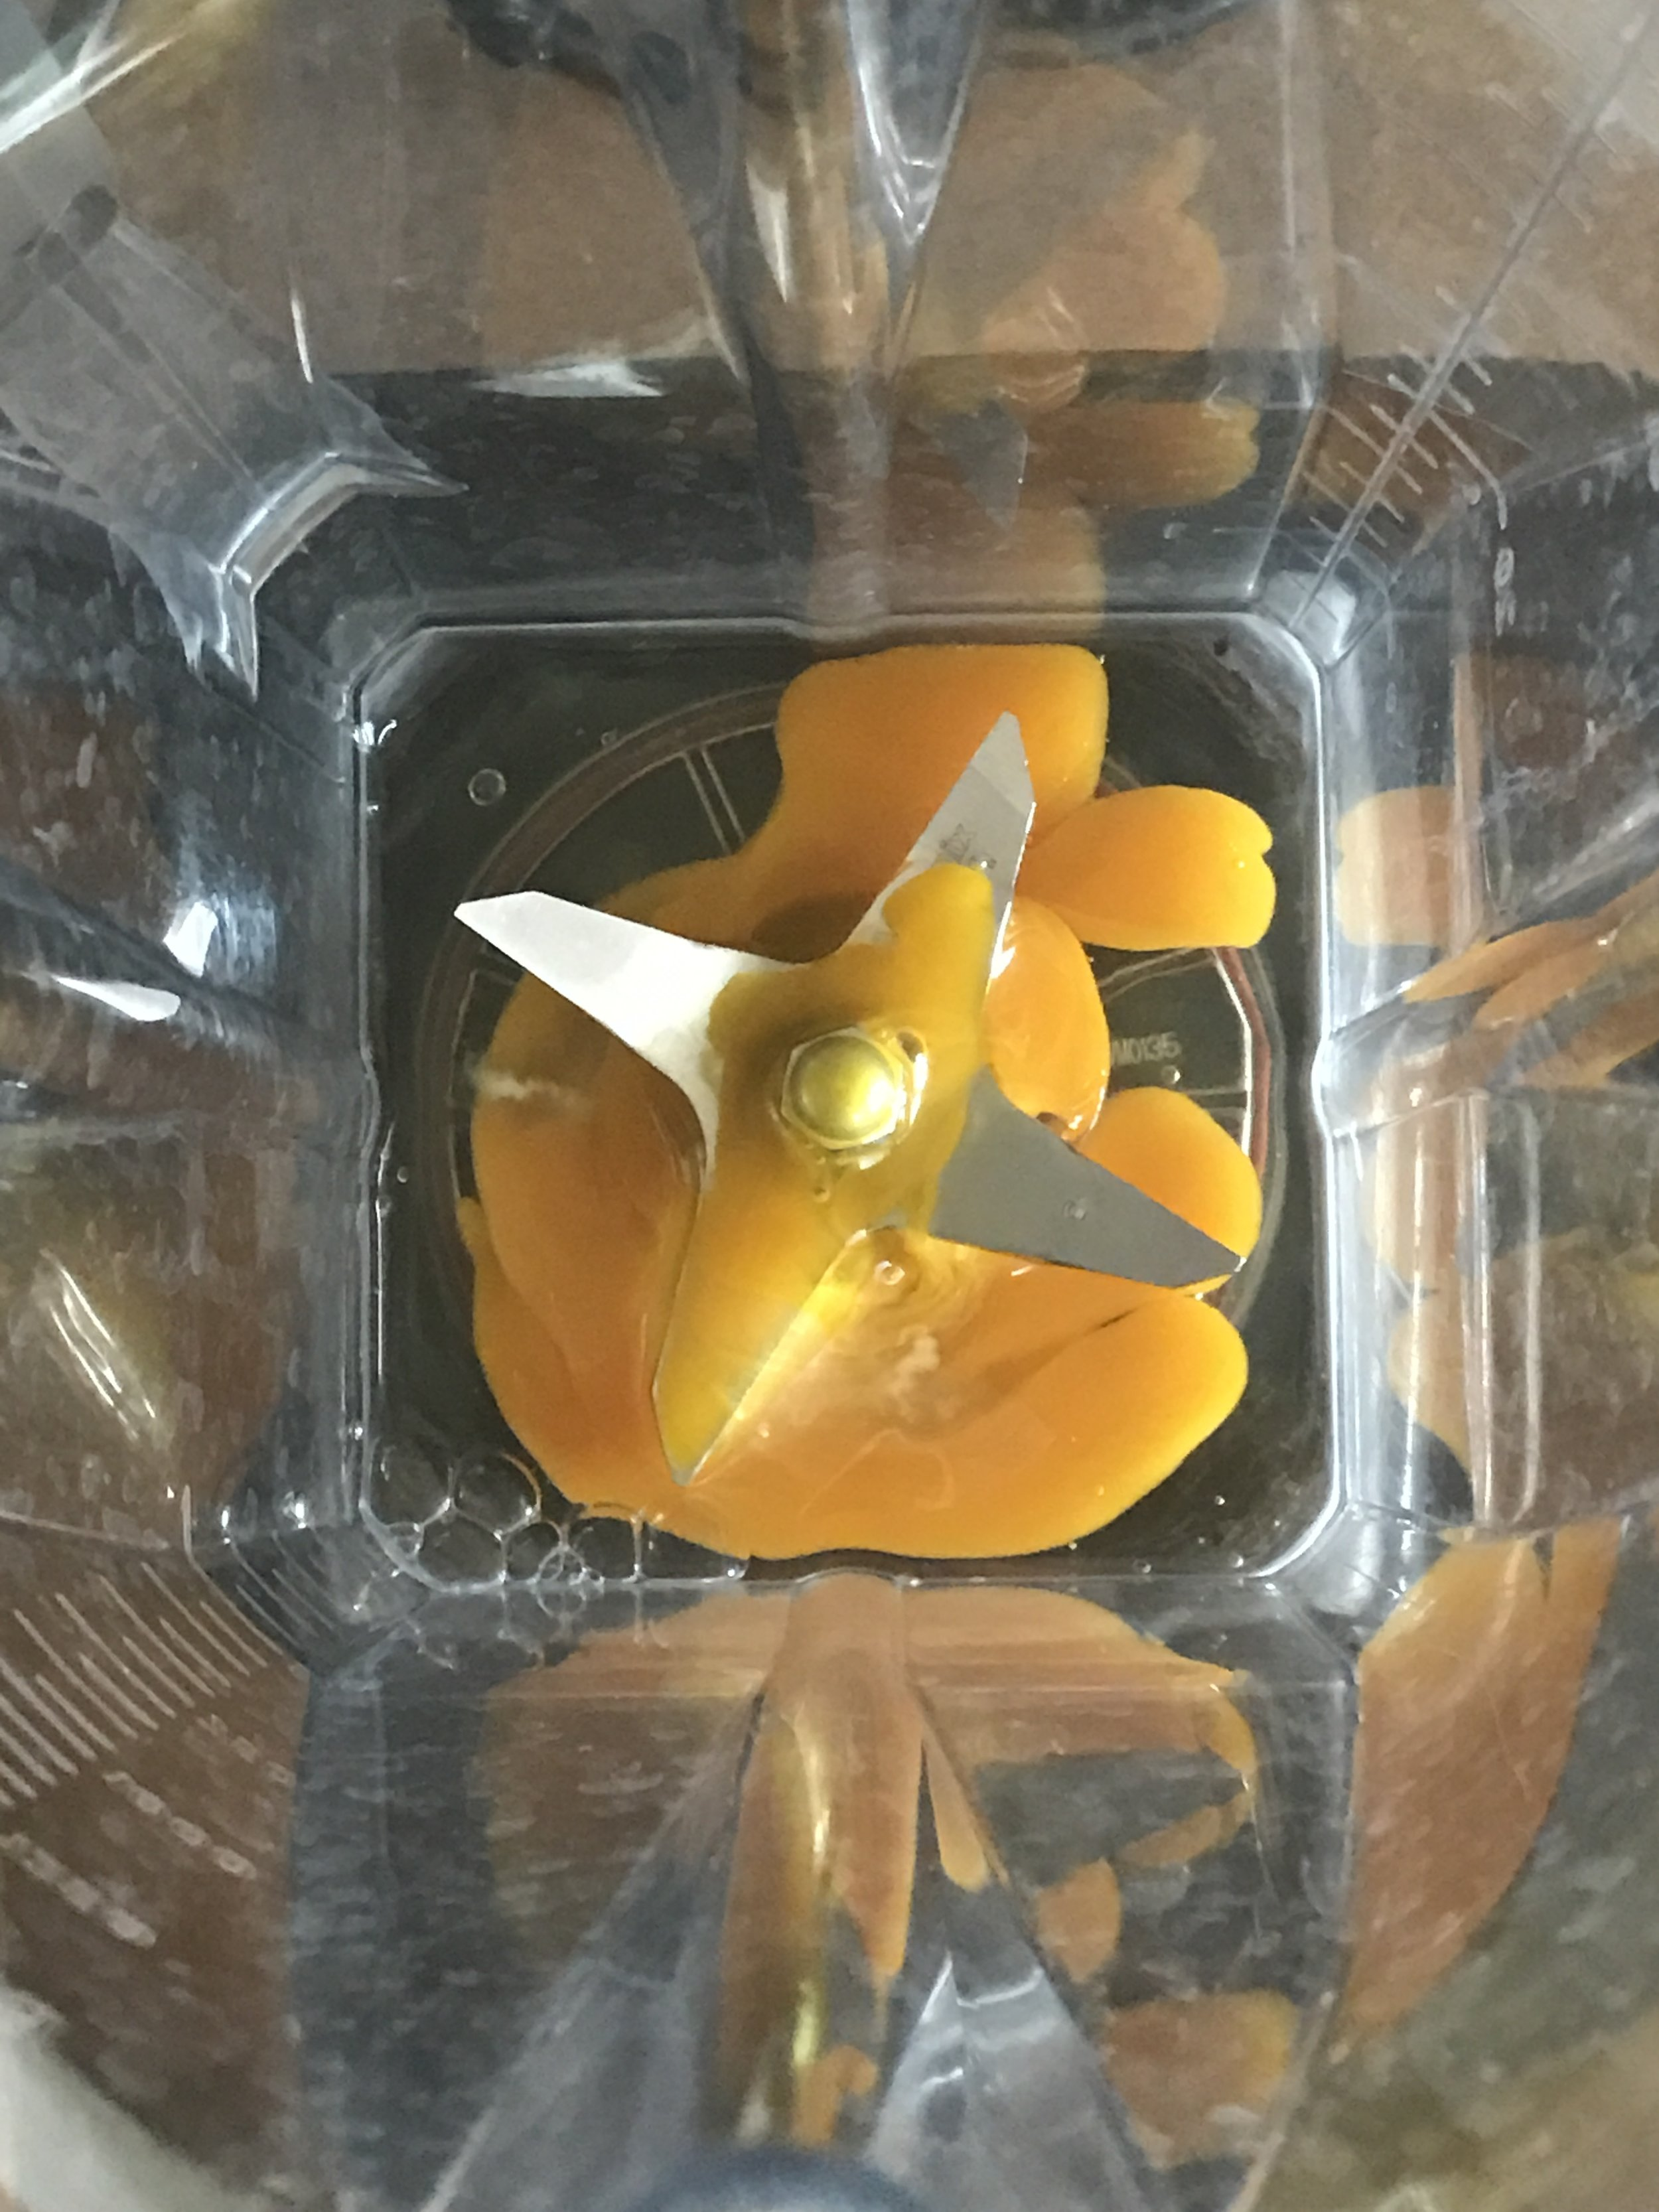 Place egg in blender